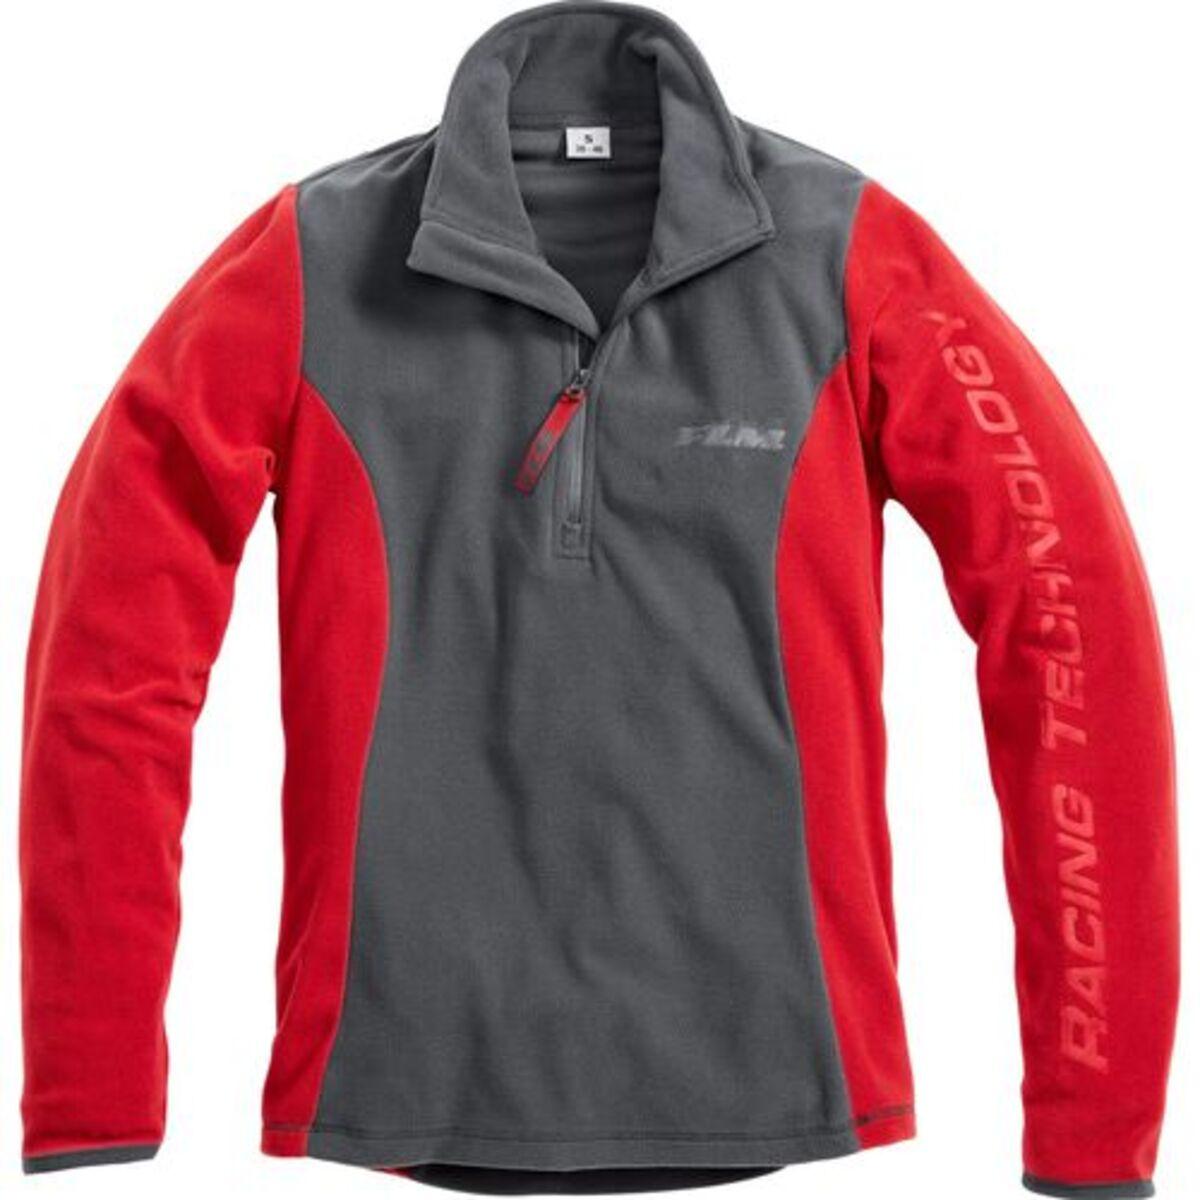 Bild 1 von FLM            Damen Fleeceshirt 2.0 grau/rot